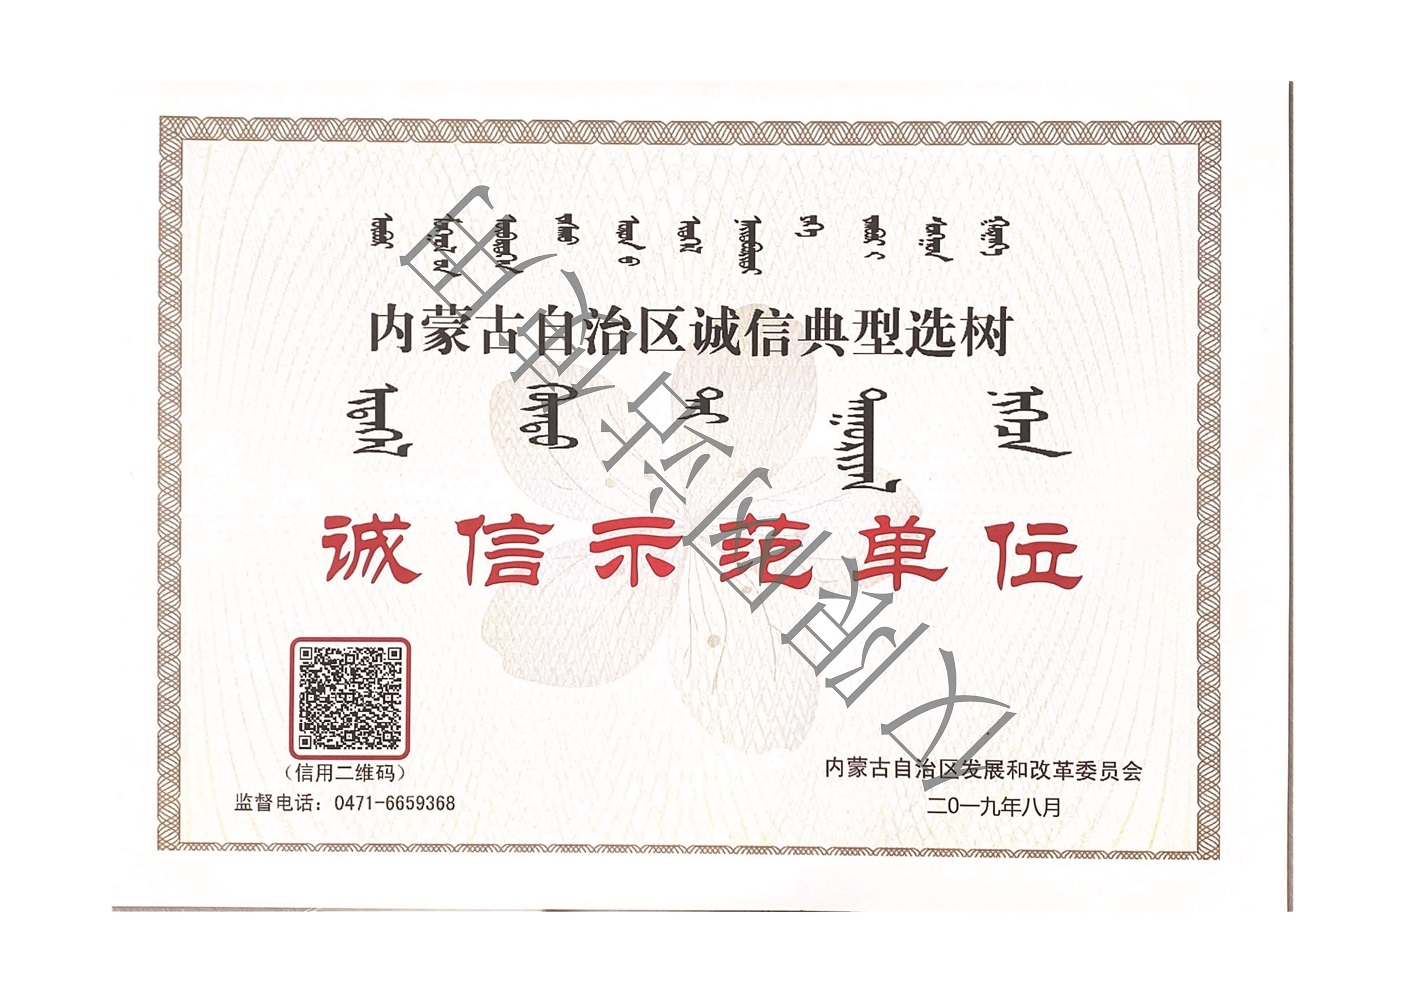 cheng信示范单wei